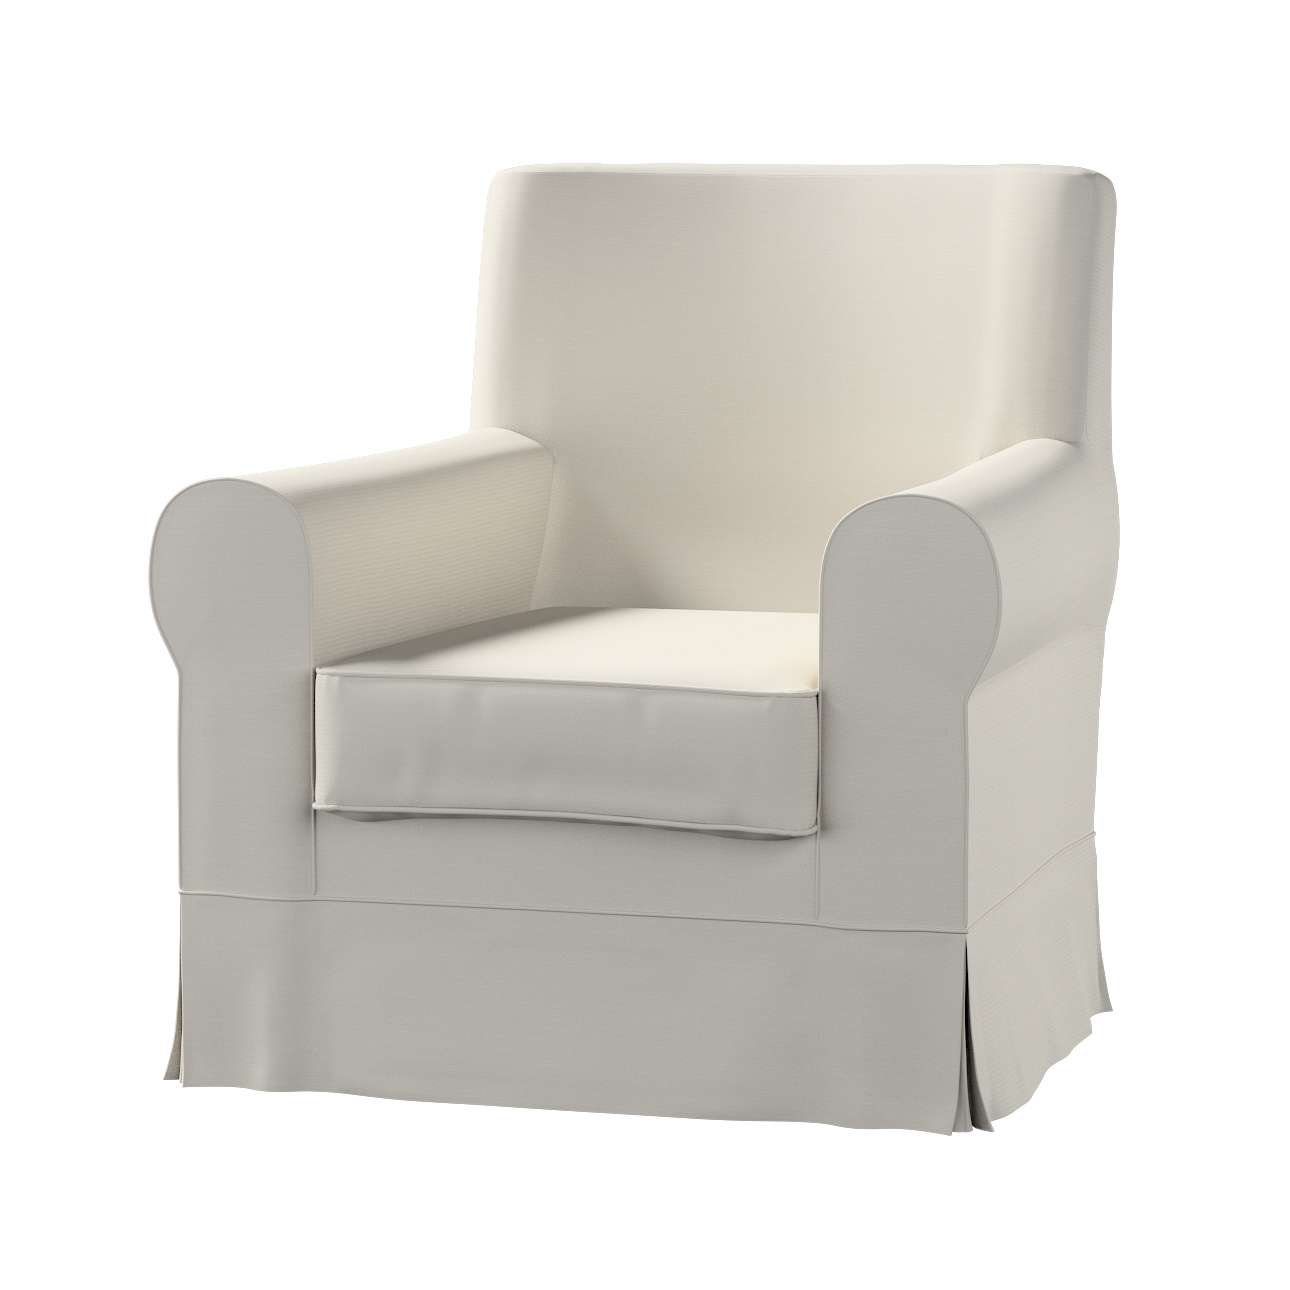 EKTORP JENNYLUND fotelio užvalkalas Ektorp Jennylund fotelio užvalkalas kolekcijoje Cotton Panama, audinys: 702-31